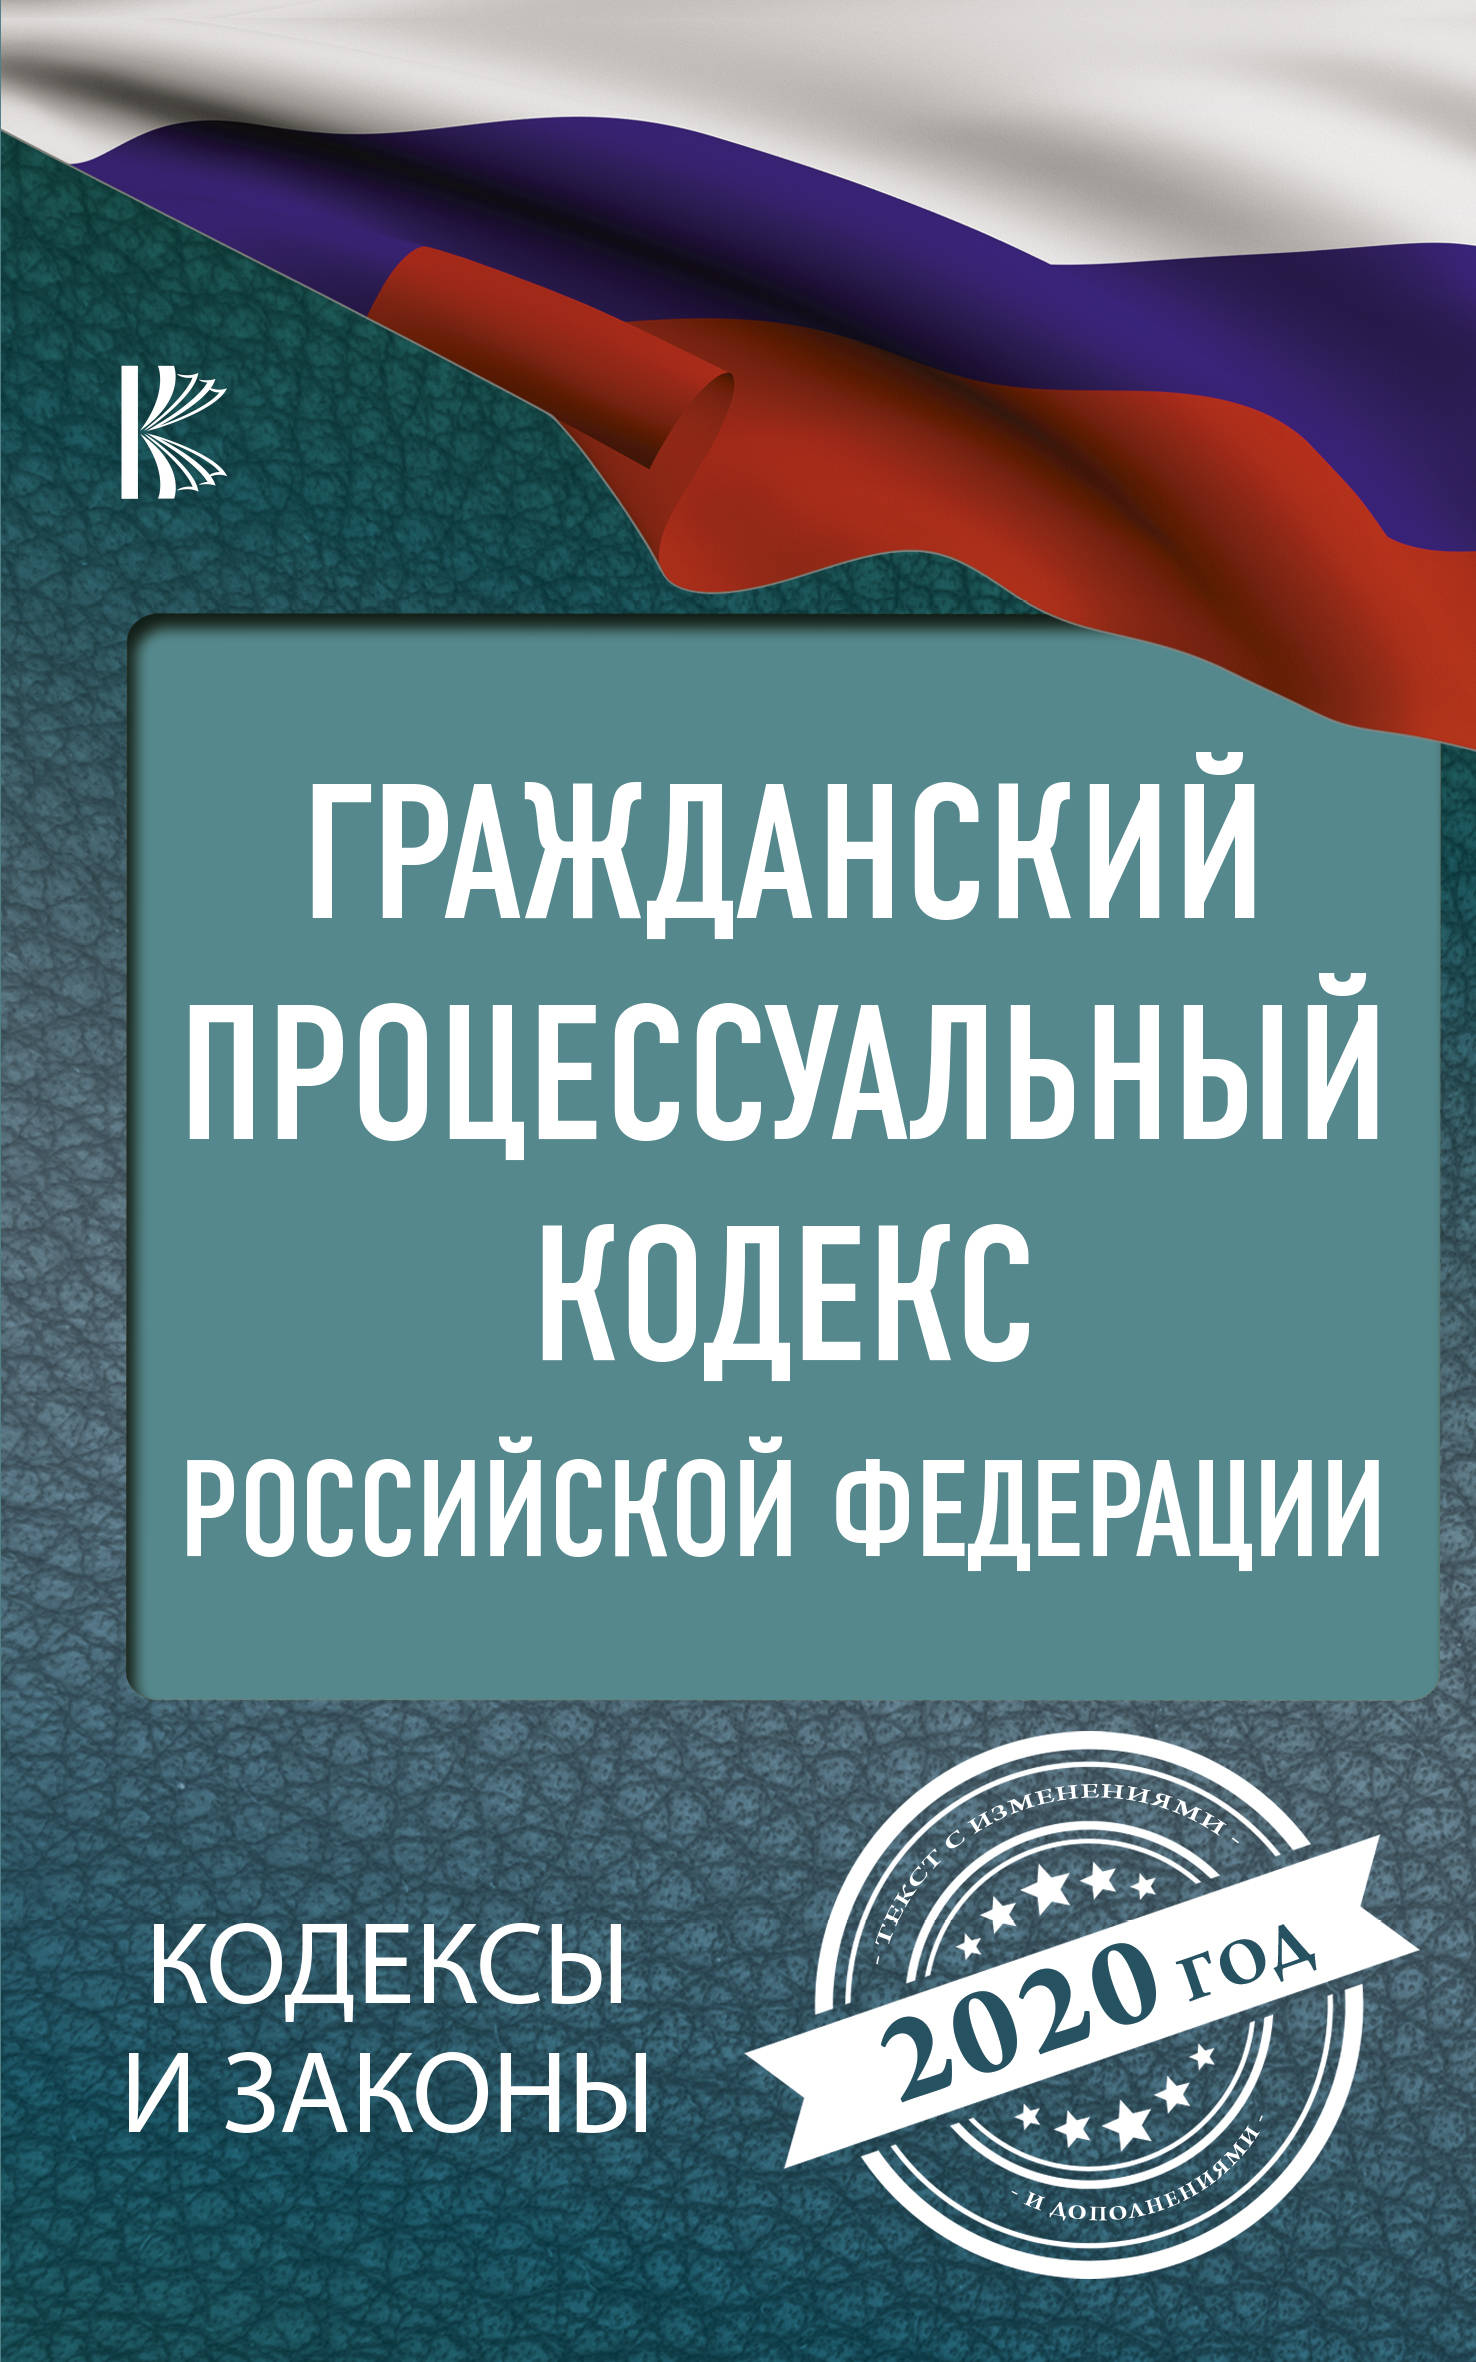 Grazhdanskij protsessualnyj Kodeks Rossijskoj Federatsii na 2020 god